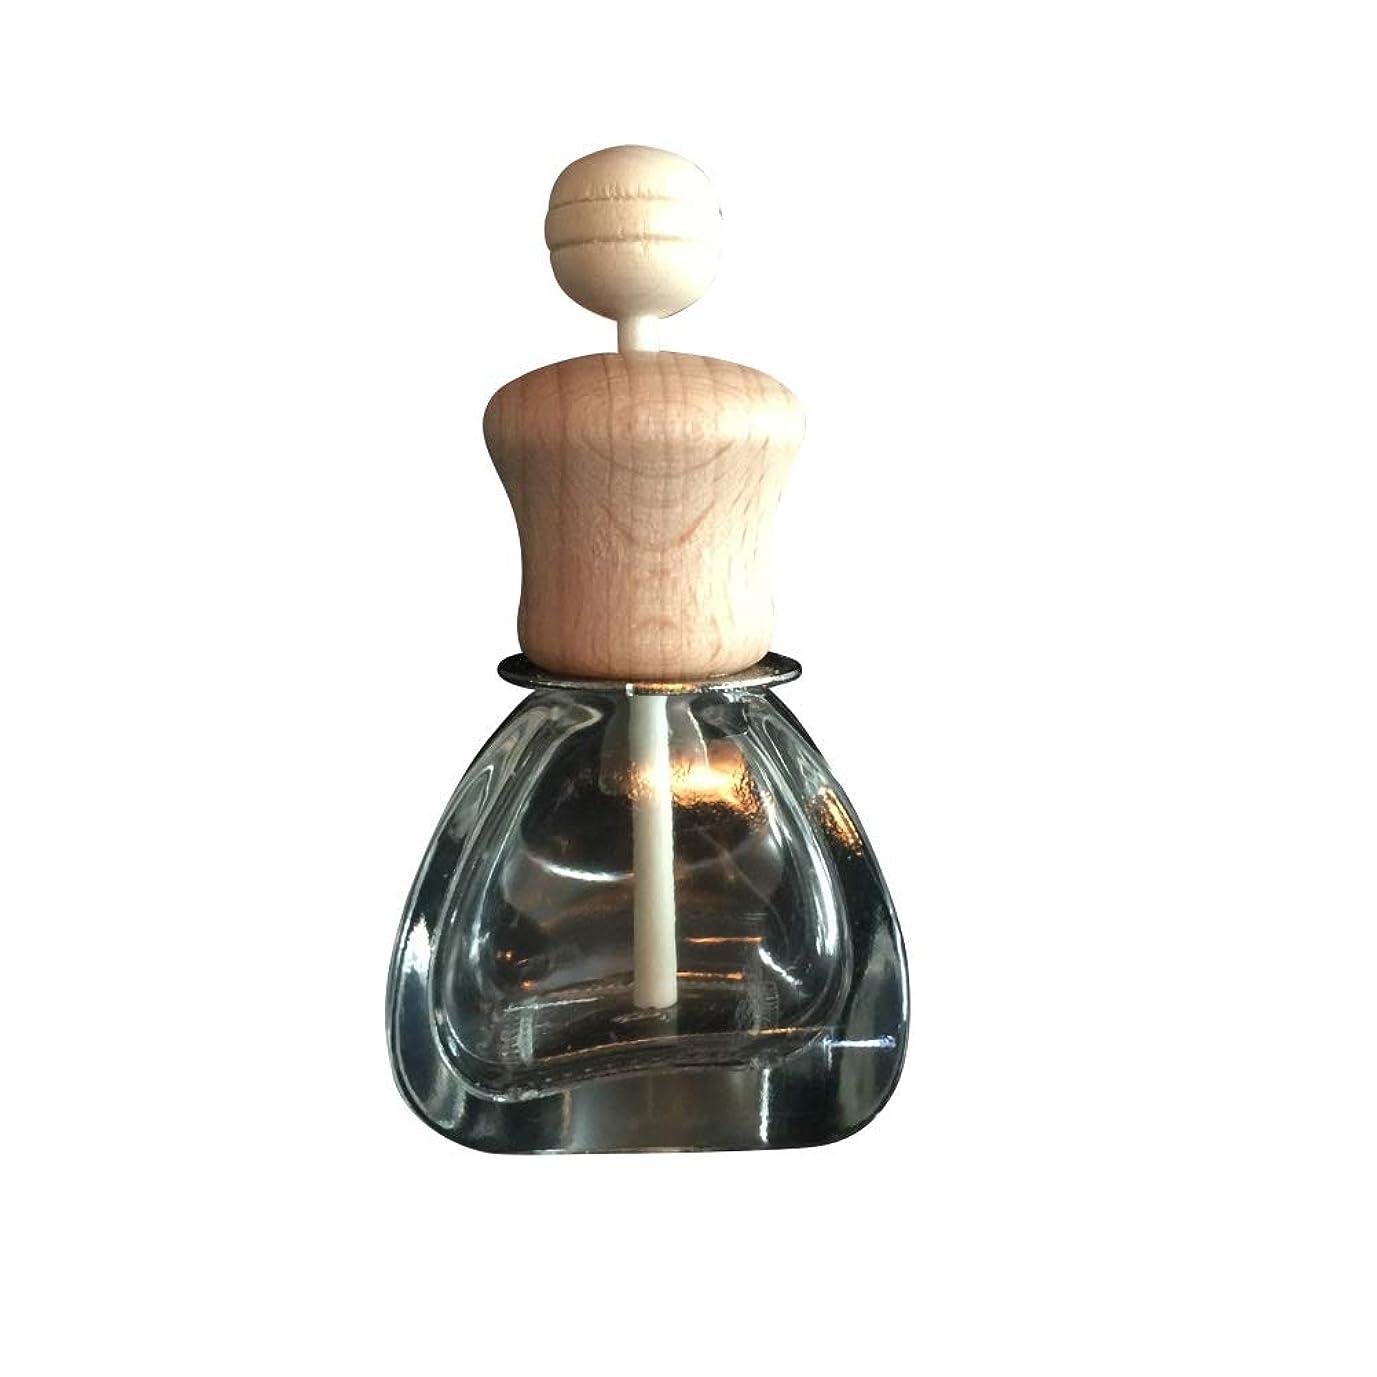 ロッド旧正月たっぷりKISSION カーベント香水瓶 詰め替え可能 車のペンダント 芳香剤 香水ディフューザー 香水瓶 掛けて 空気清涼剤 ディフューザー フレグランスボトル